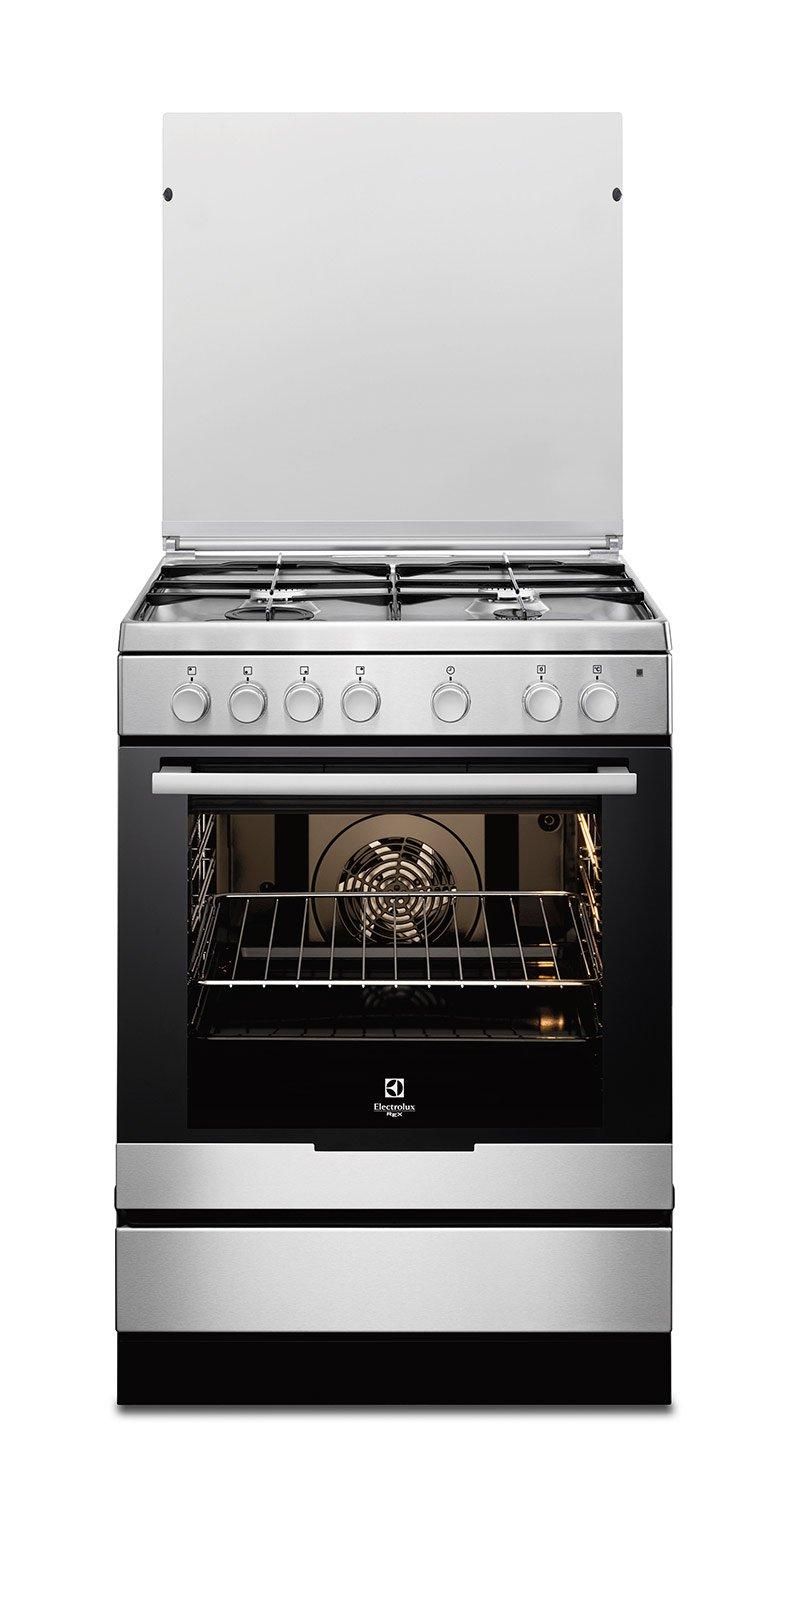 Cucina monoblocco piano cottura e forno tutto in uno - Cucina per casa ...